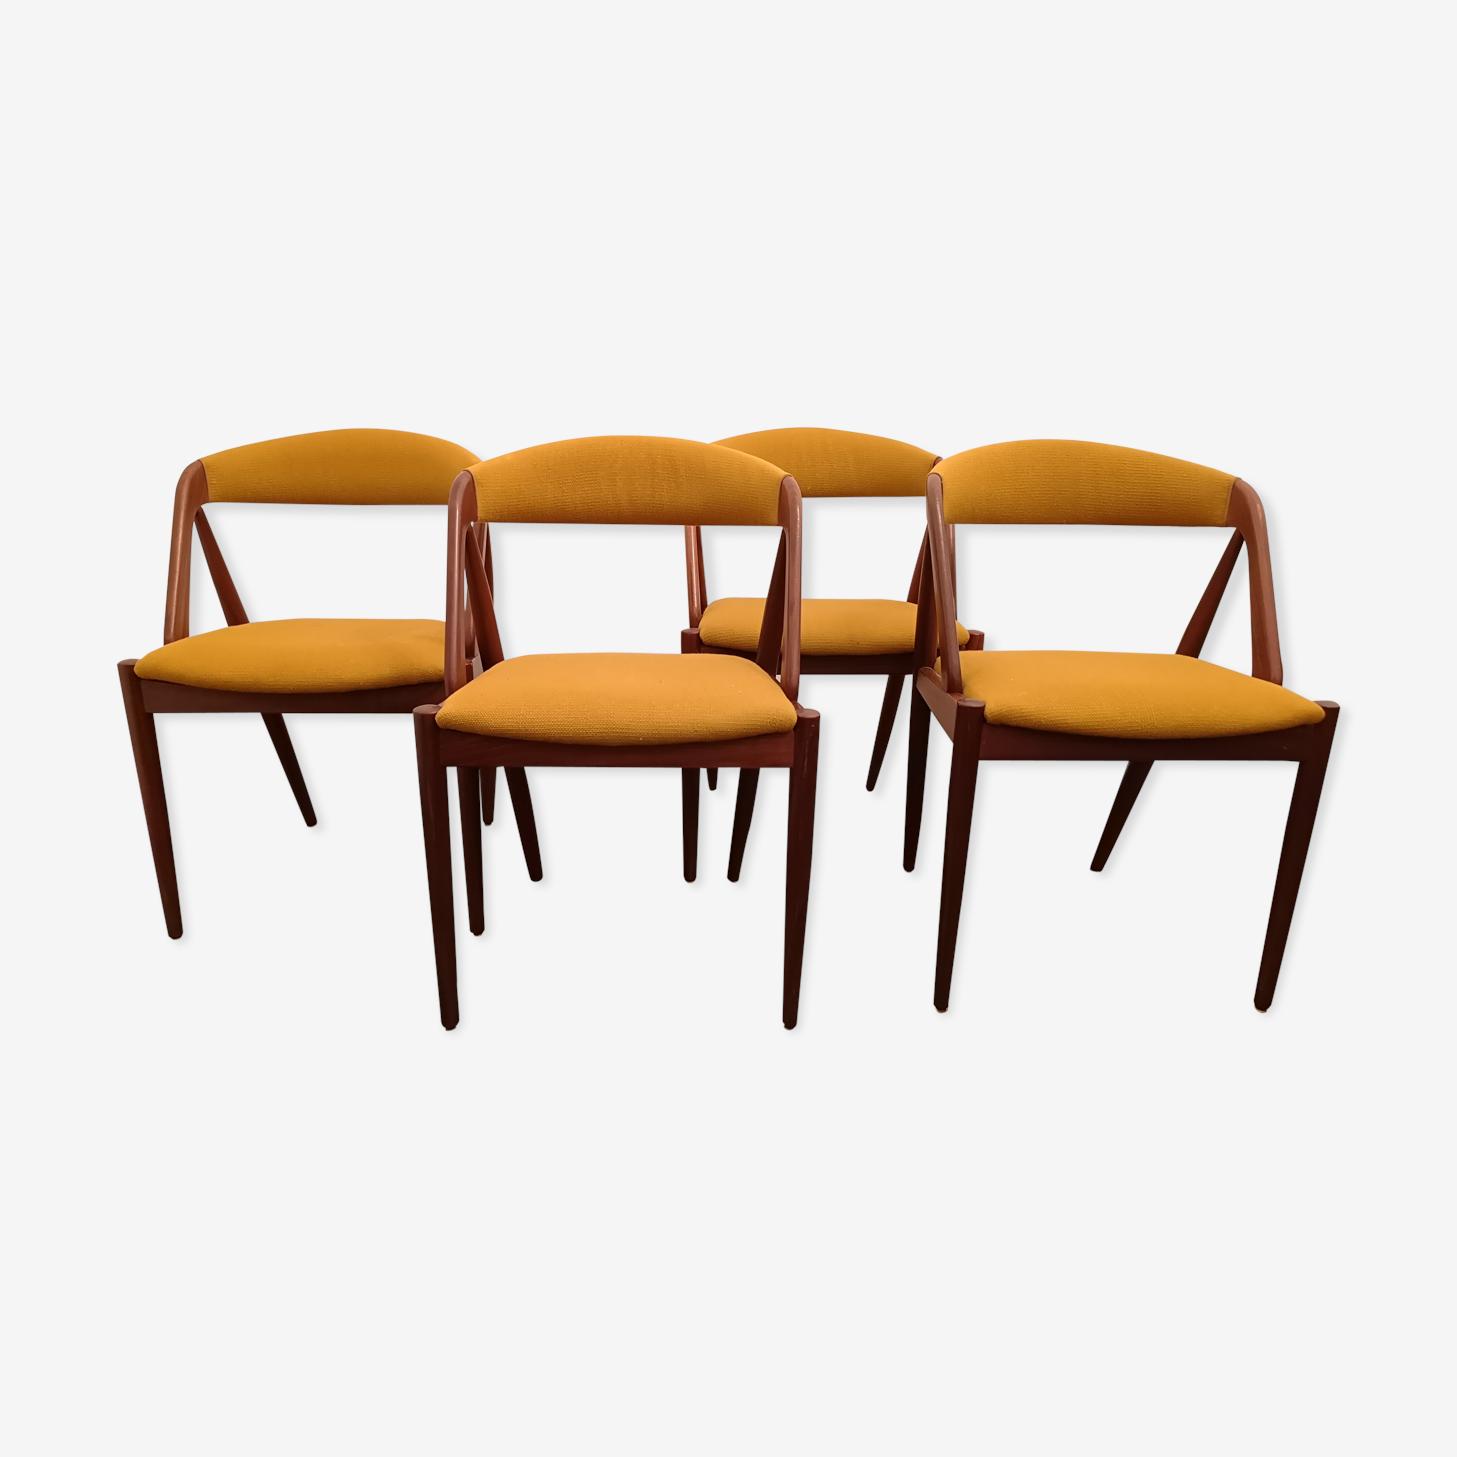 Set de 4 chaises Kai Kristiansen modèle 31 1960s